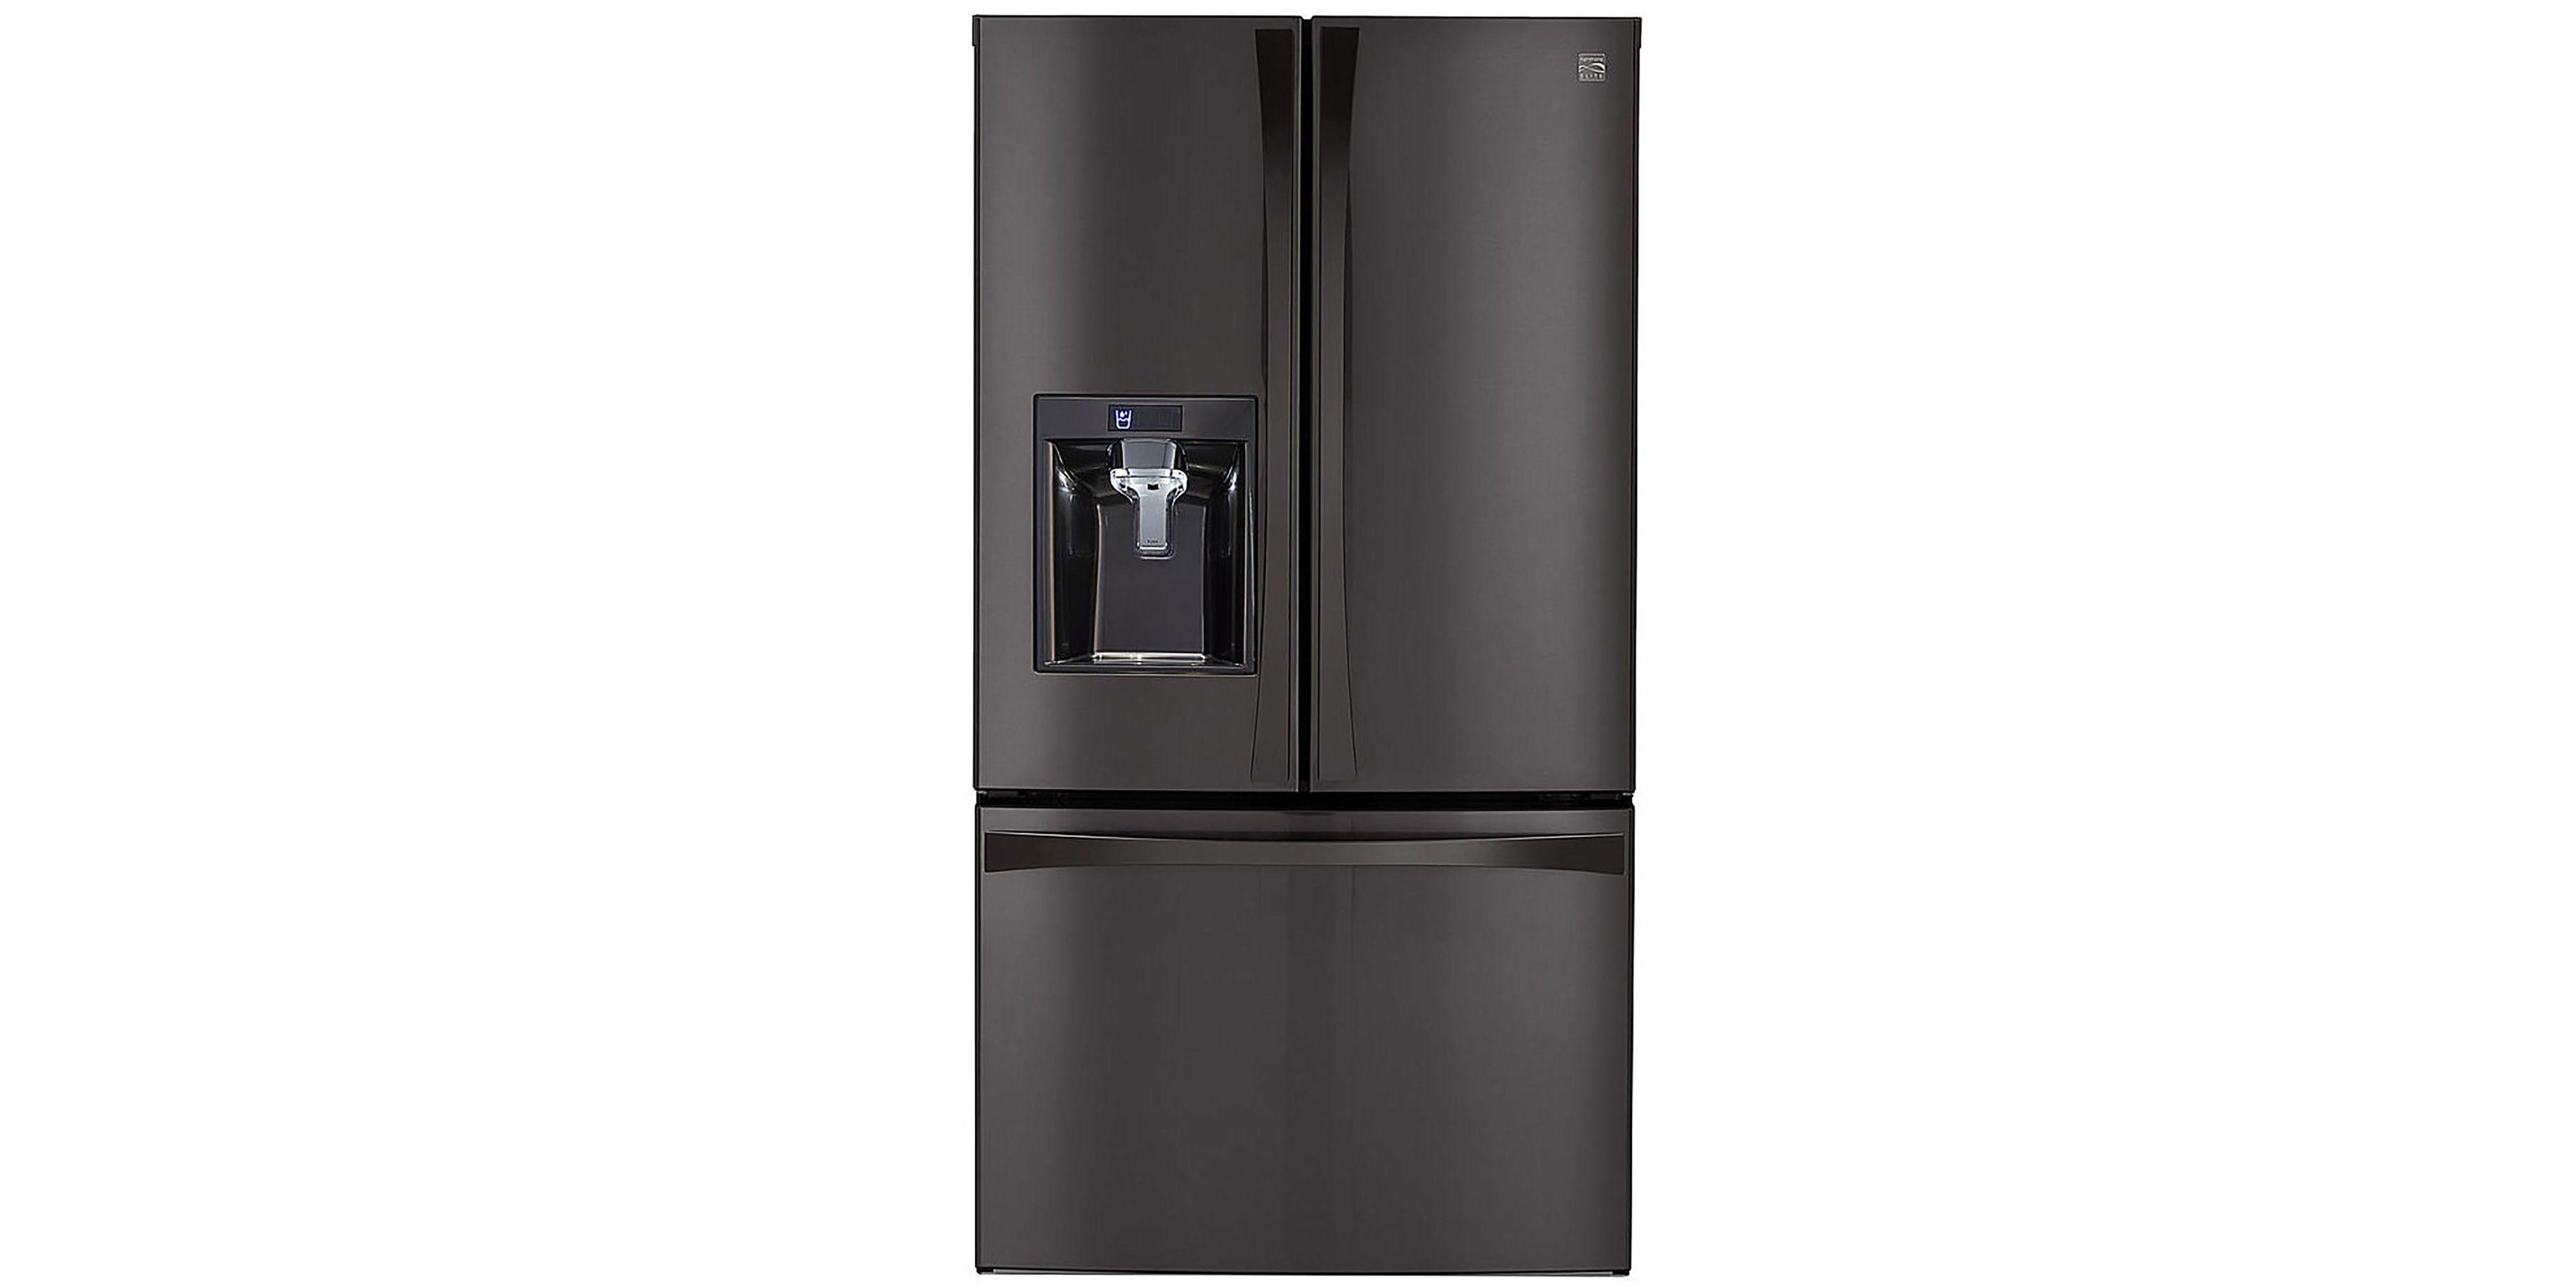 Bon Refrigerator Reviews